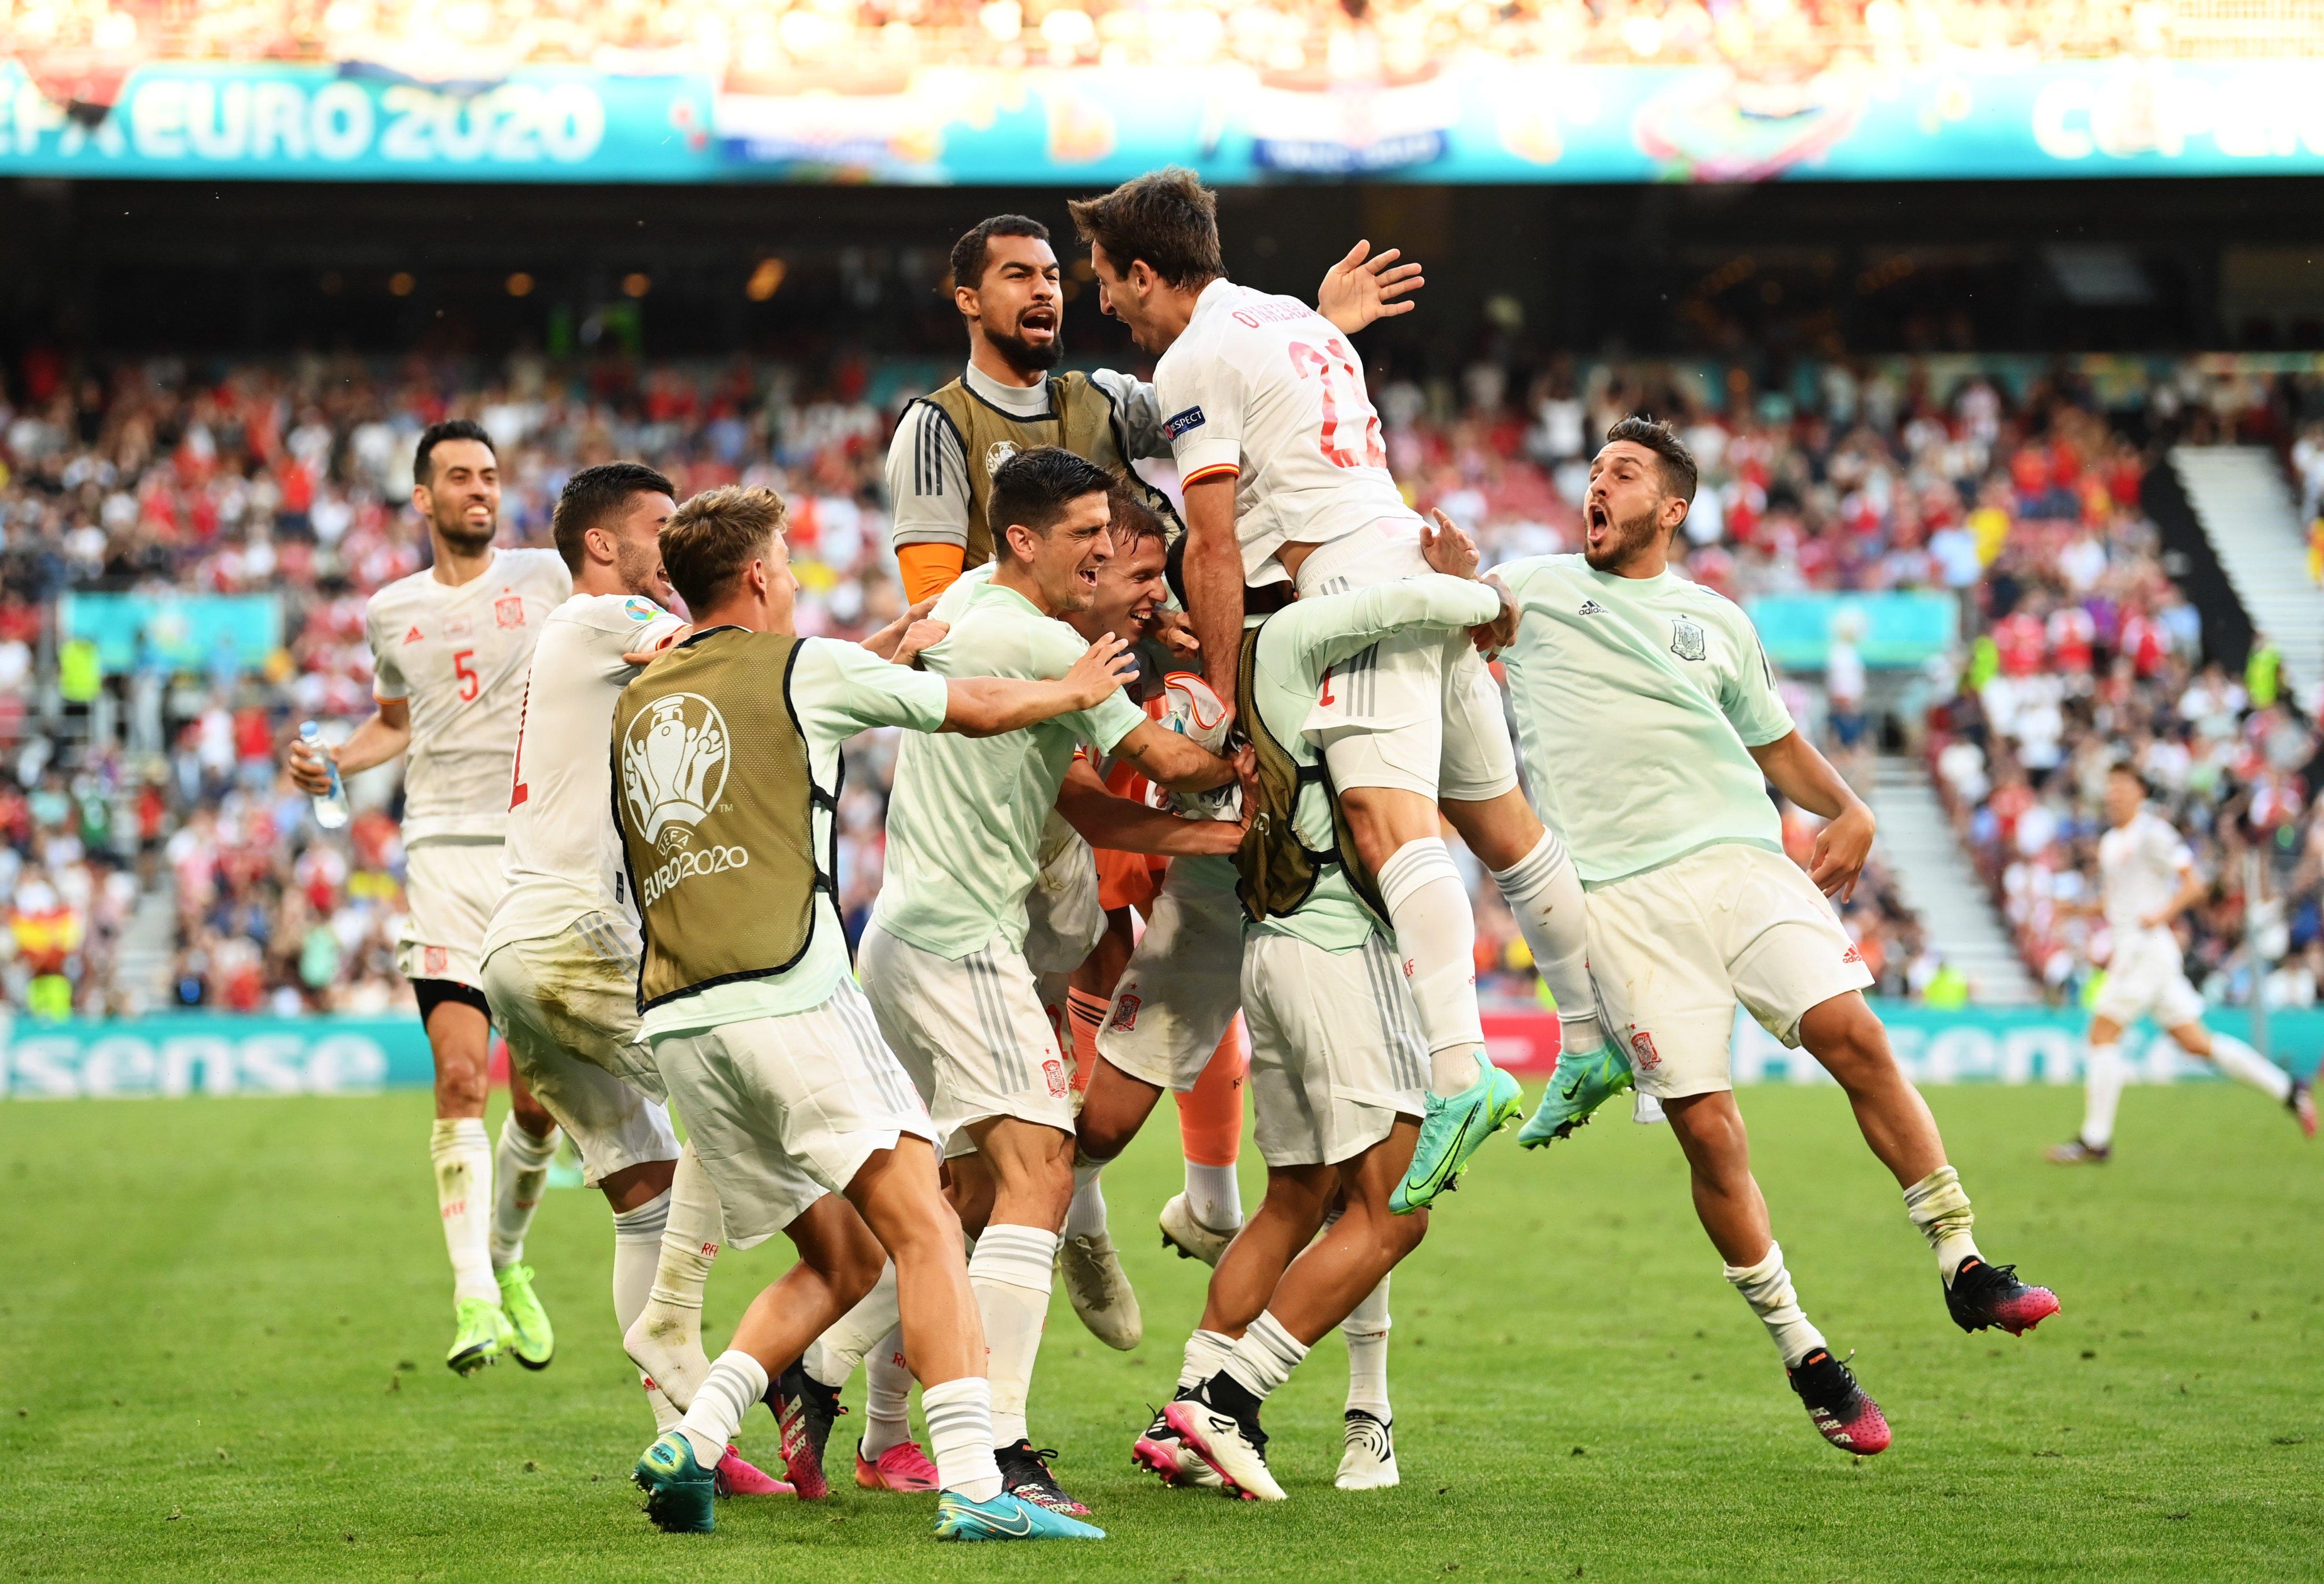 क्रोएसियाविरुद्ध नाटकीय जित निकाल्दै स्पेन क्वार्टरफाइनलमा